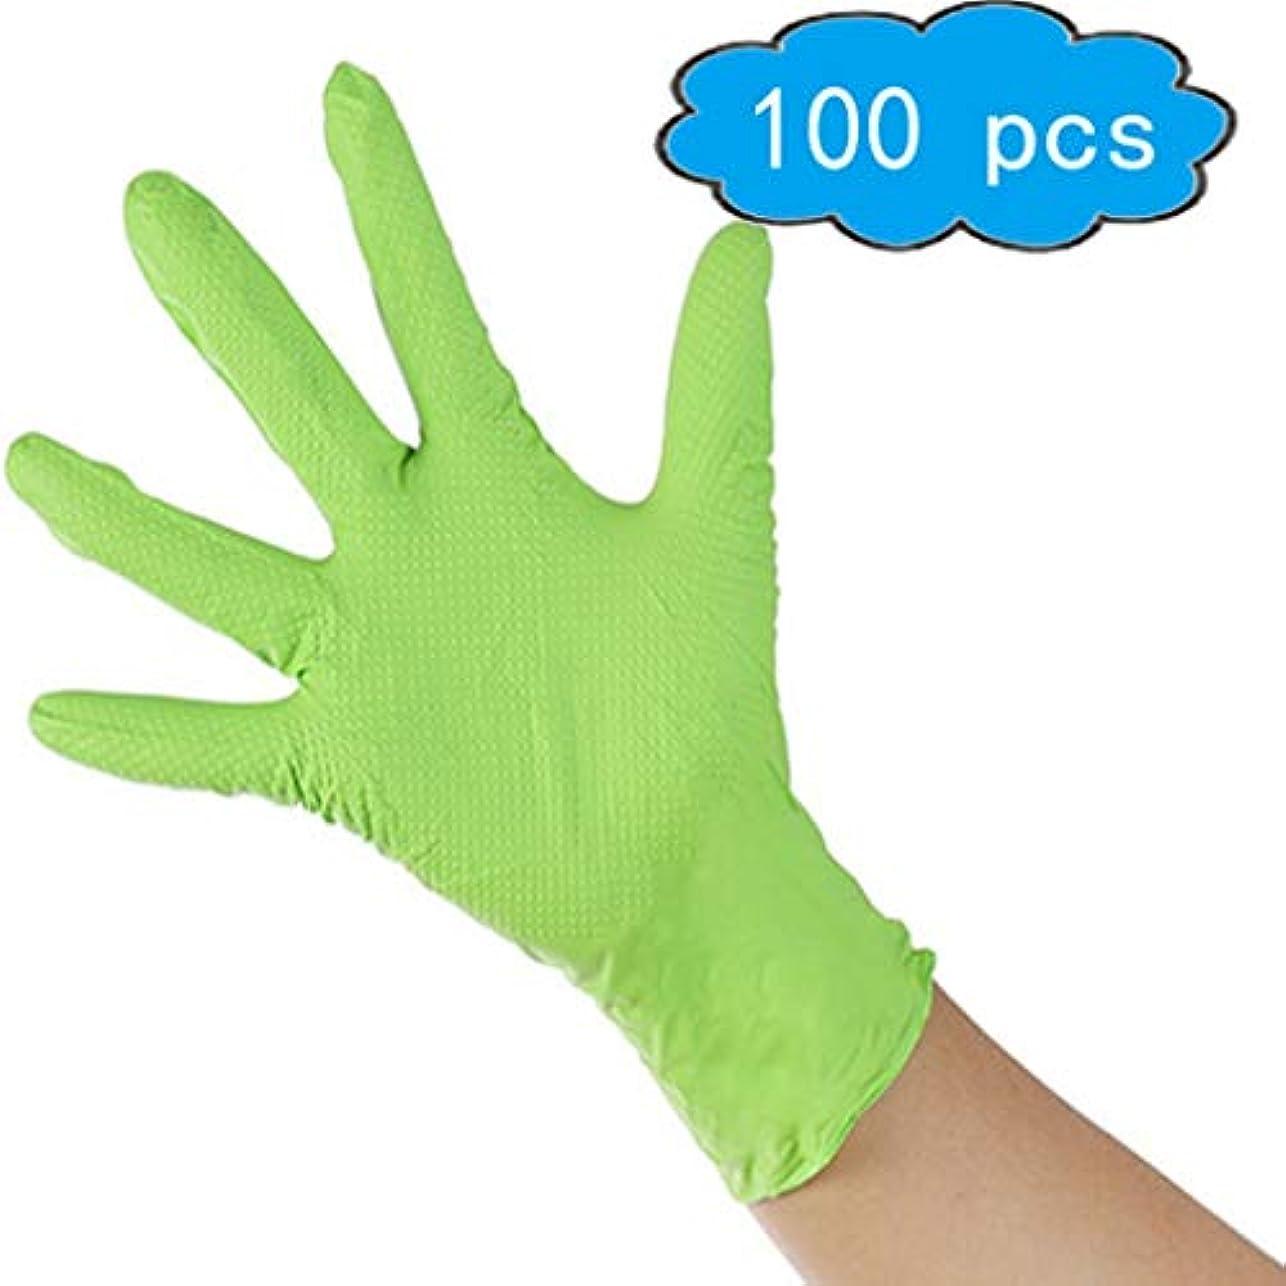 お祝い周り柔らかい使い捨てゴム手袋-5ミル、工業用、極厚、パウダーフリー、両手利き、オレンジ、ミディアム、100個入りの箱、滑り止めの掌紋、耐摩耗性と耐久性のある機械式ハードウェアゴム手袋 (Color : Green, Size : L)